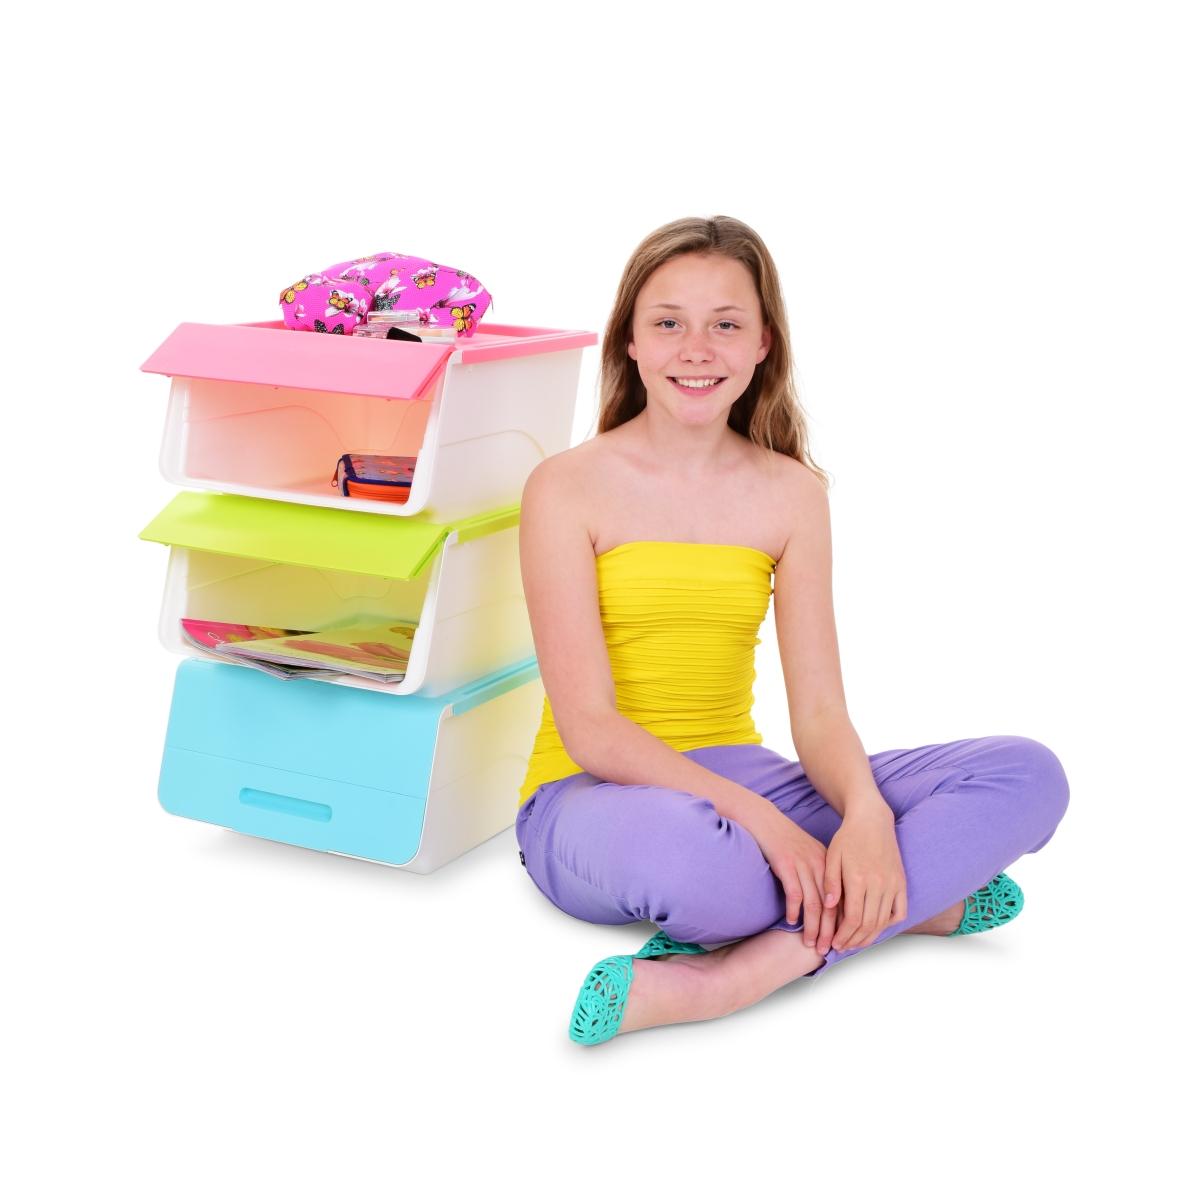 DA14423-ŠTOSBOX plastový box pastelovo ružový